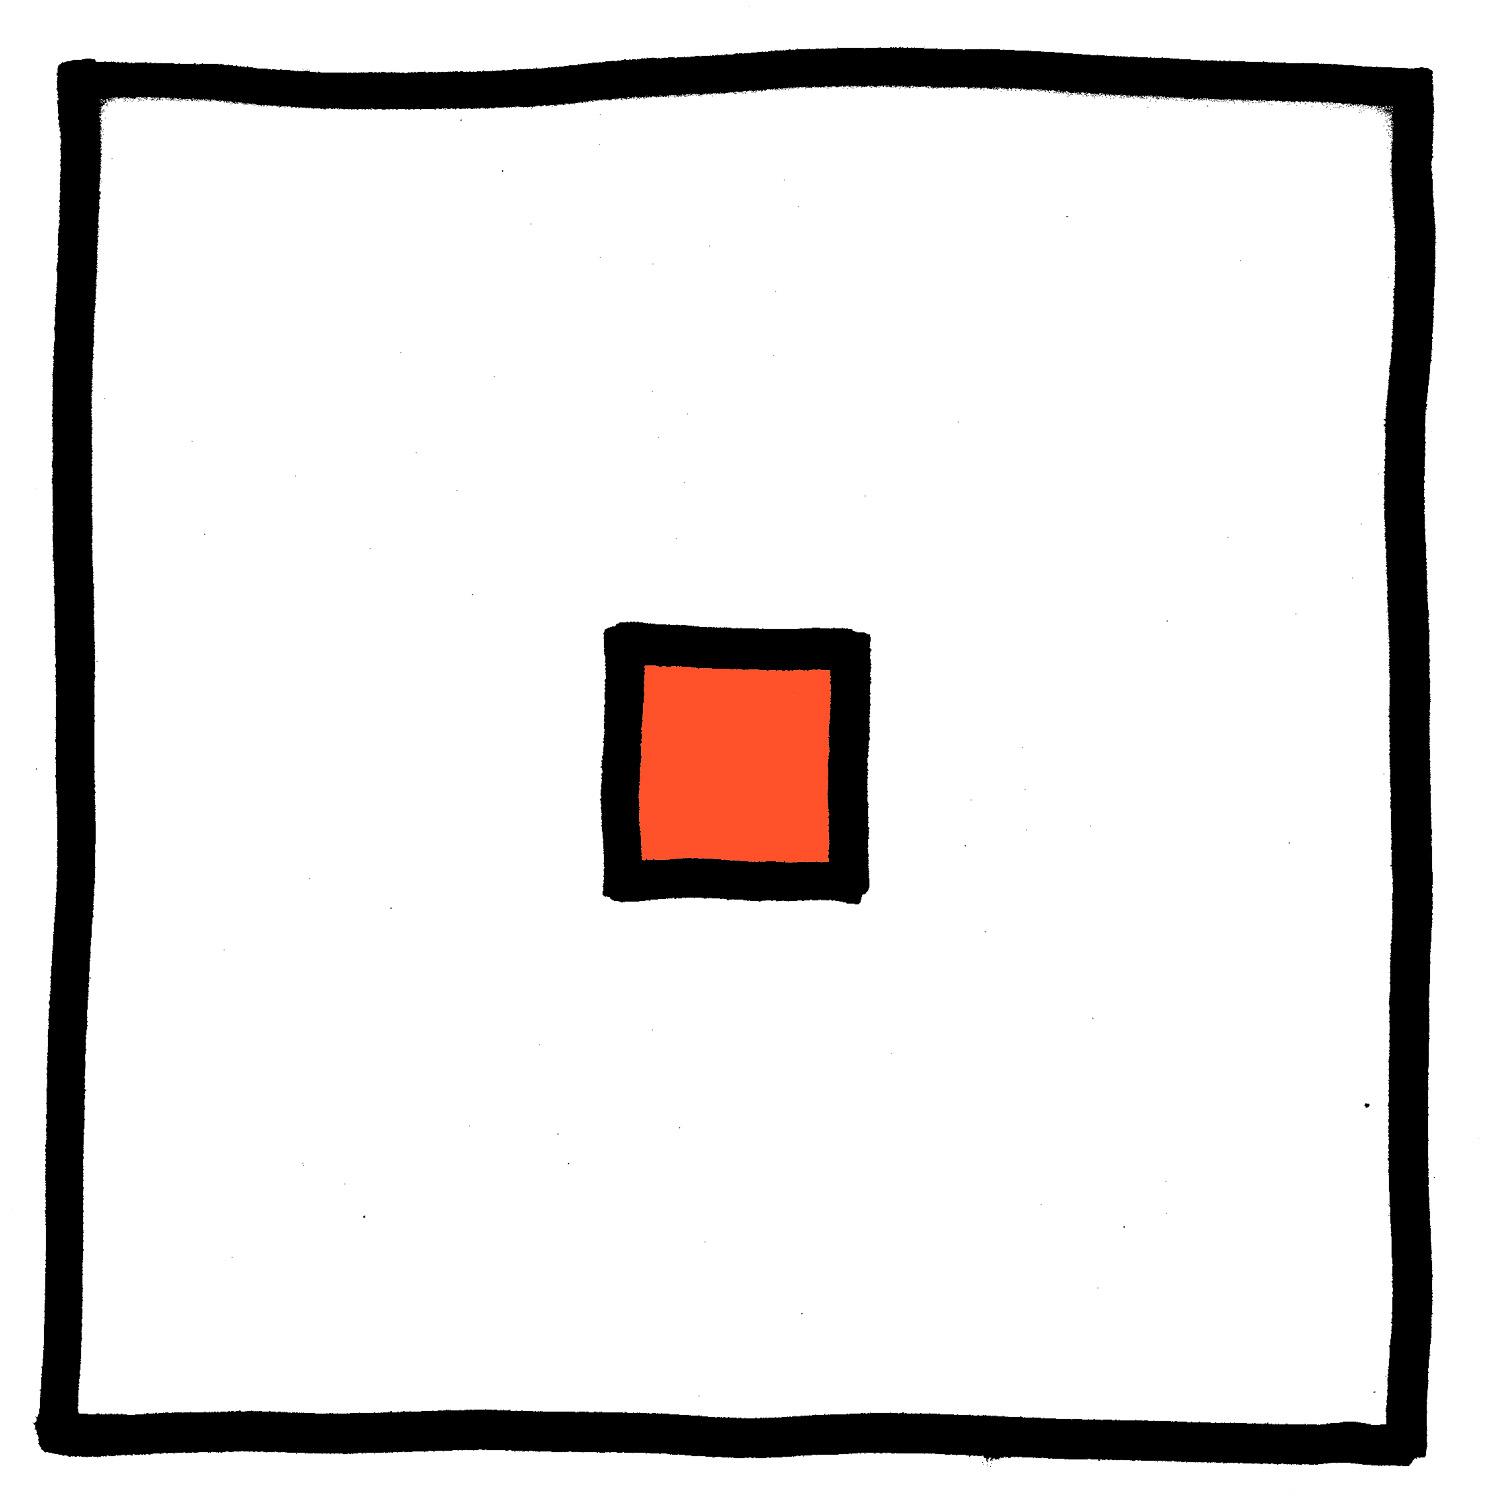 0402-schema-2.jpg